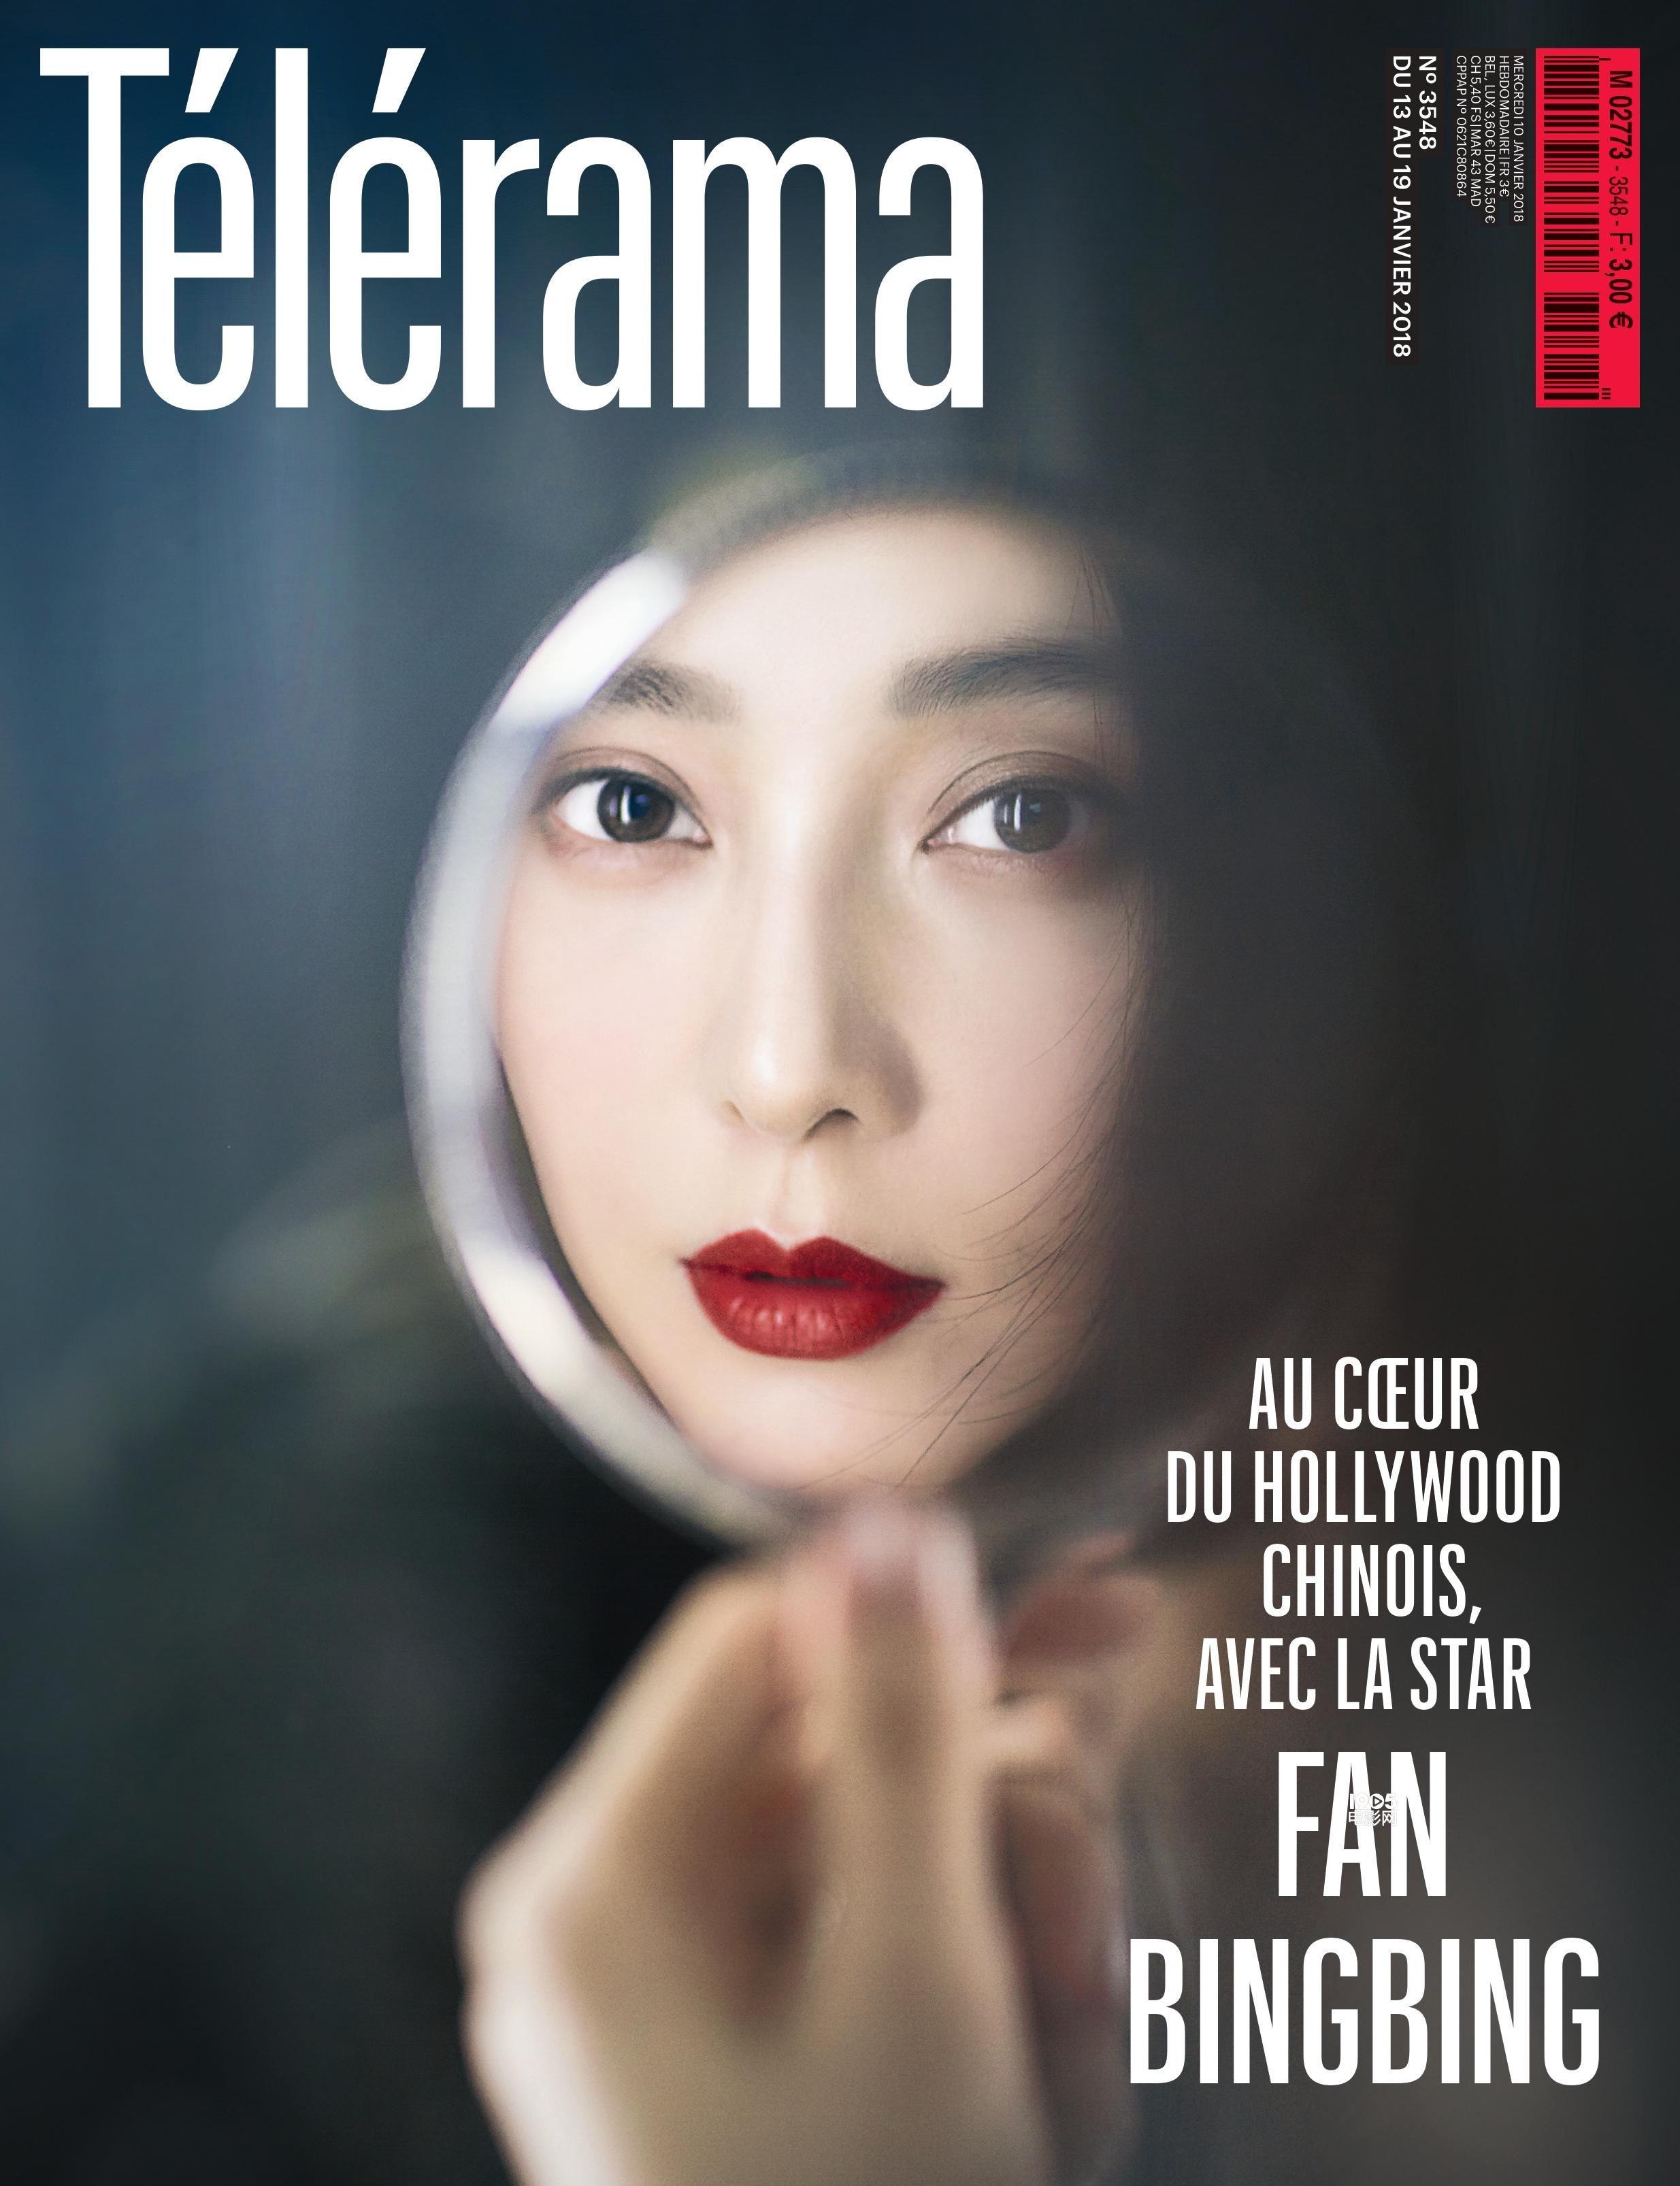 范冰冰登法国杂志 烈焰红唇尽显东方神韵